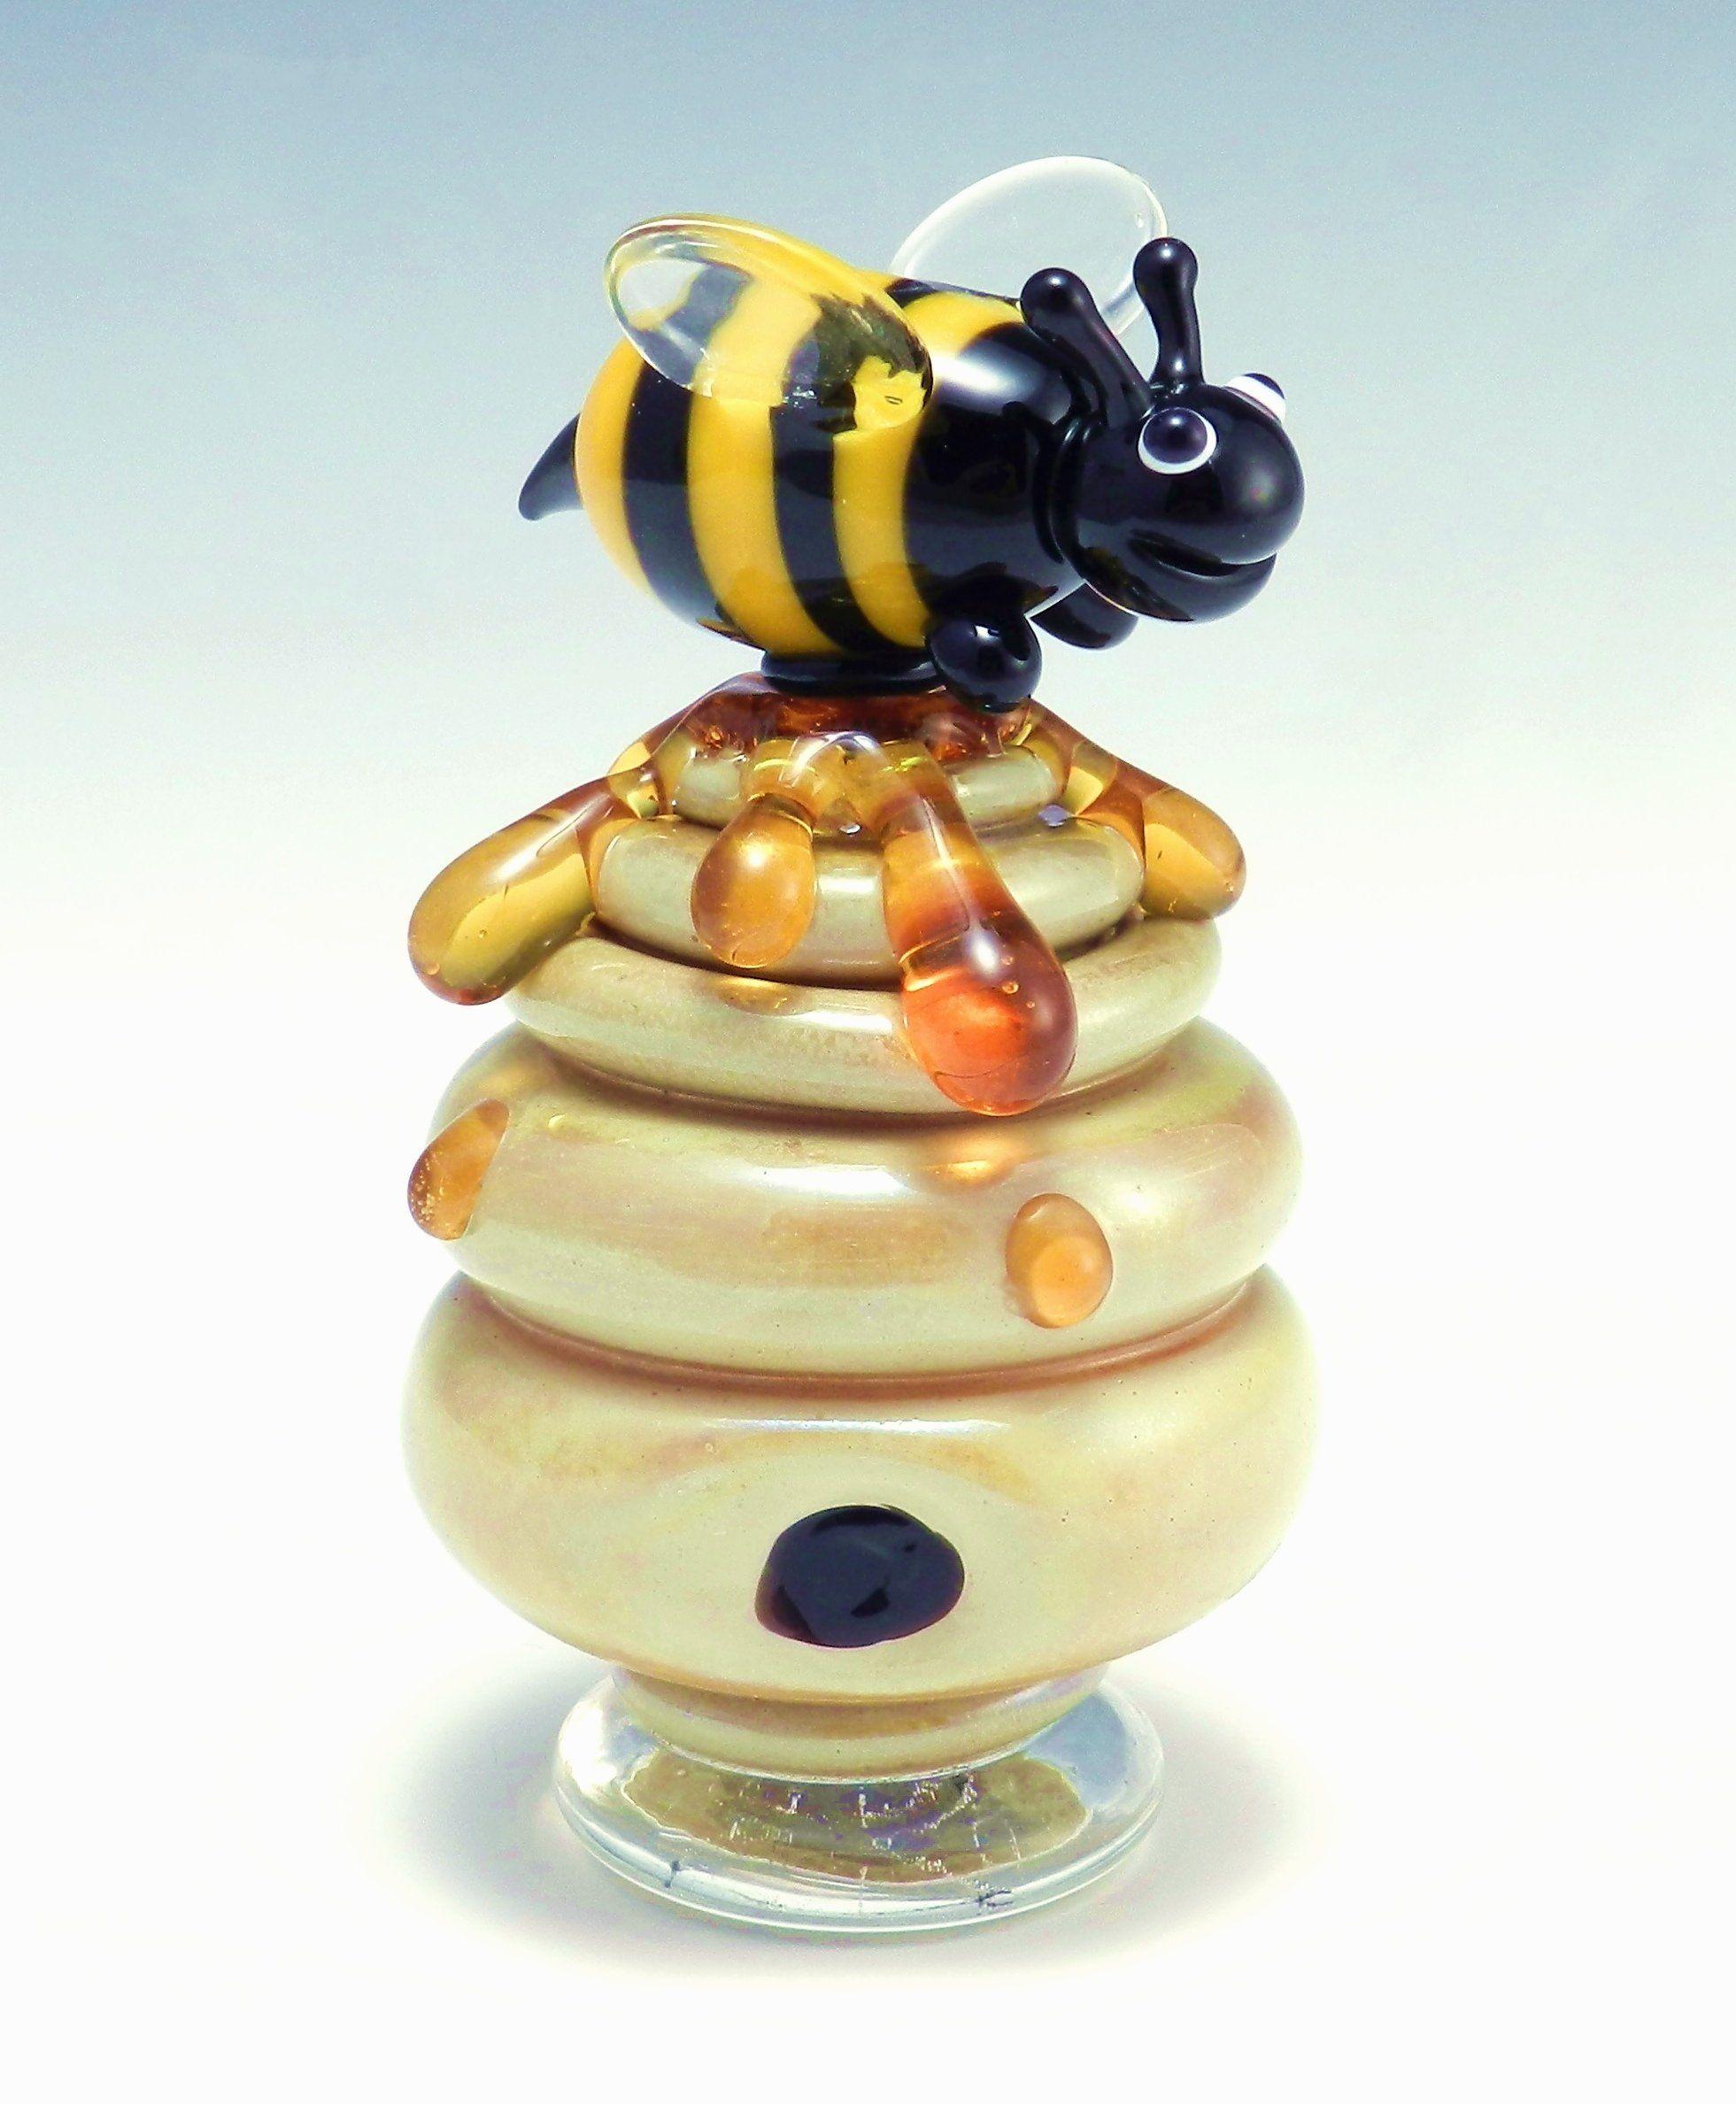 Beehive Perfume Bottle: Garrett Keisling: Art Glass Perfume Bottle   Artful Home